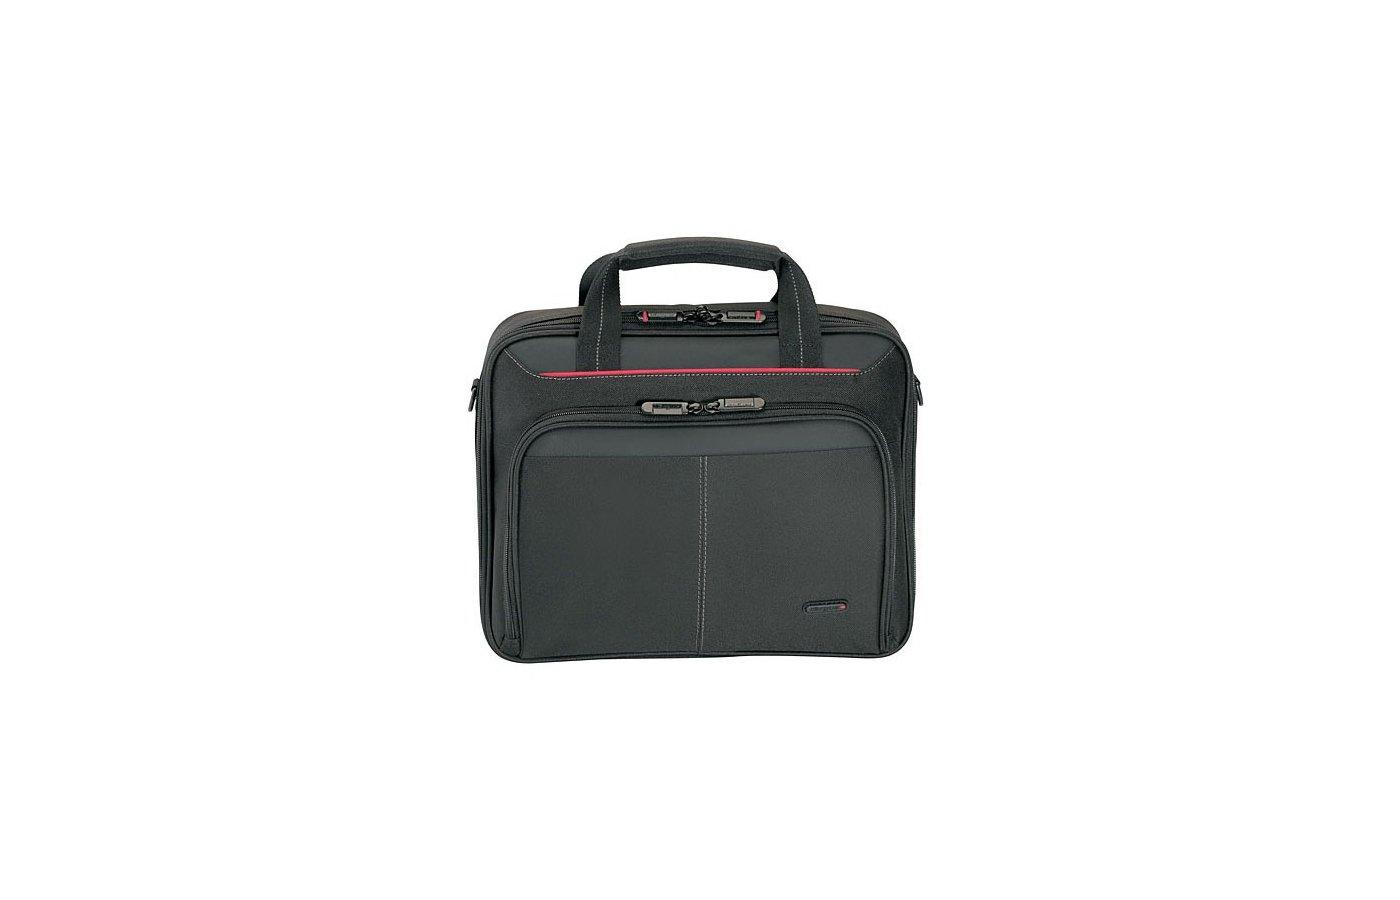 Кейс для ноутбука Targus CN31 чёрный нейлон